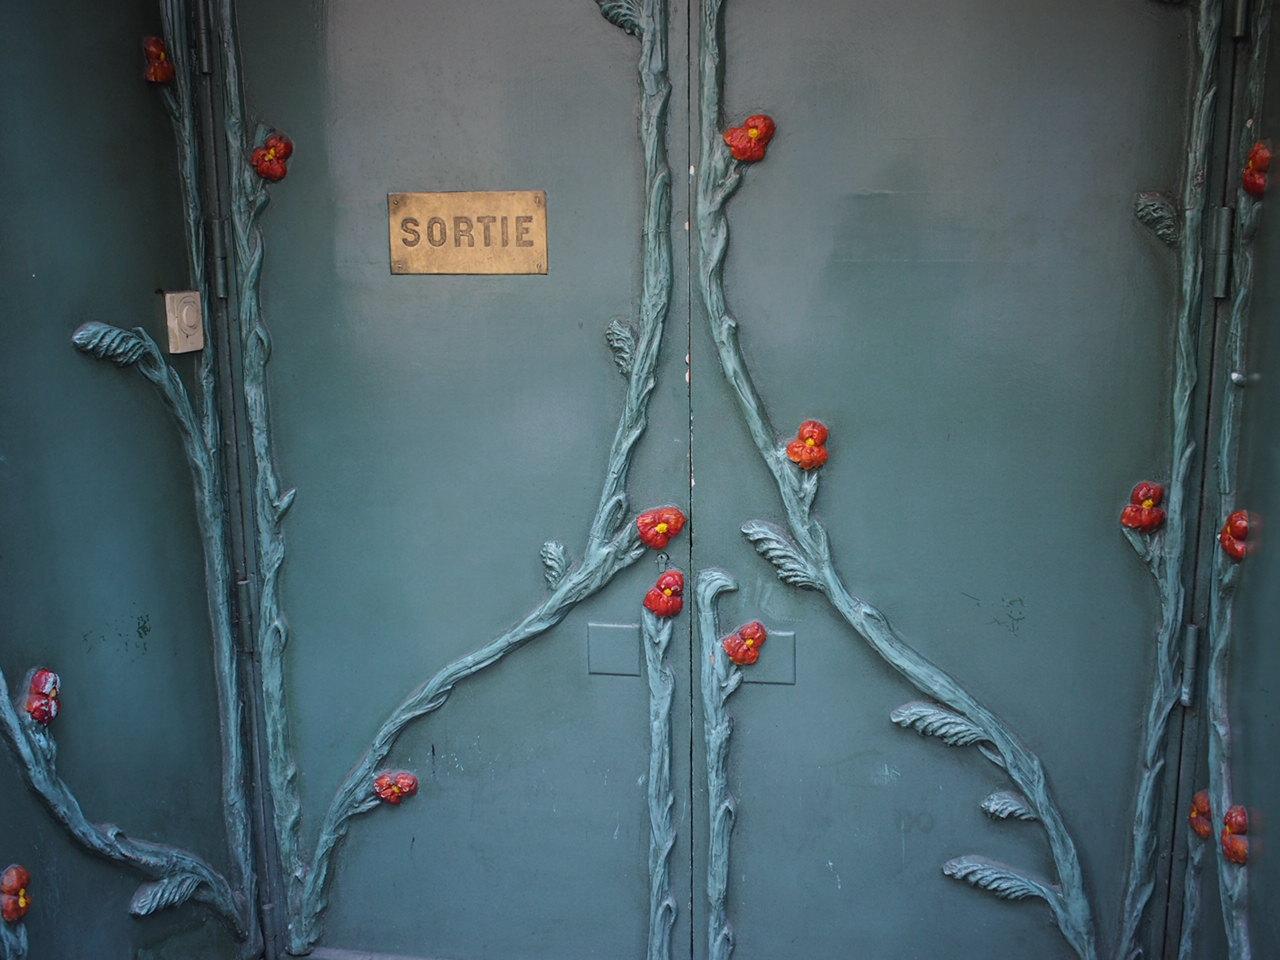 just another door in the neighborhood, Saint-Germain-des-Prés